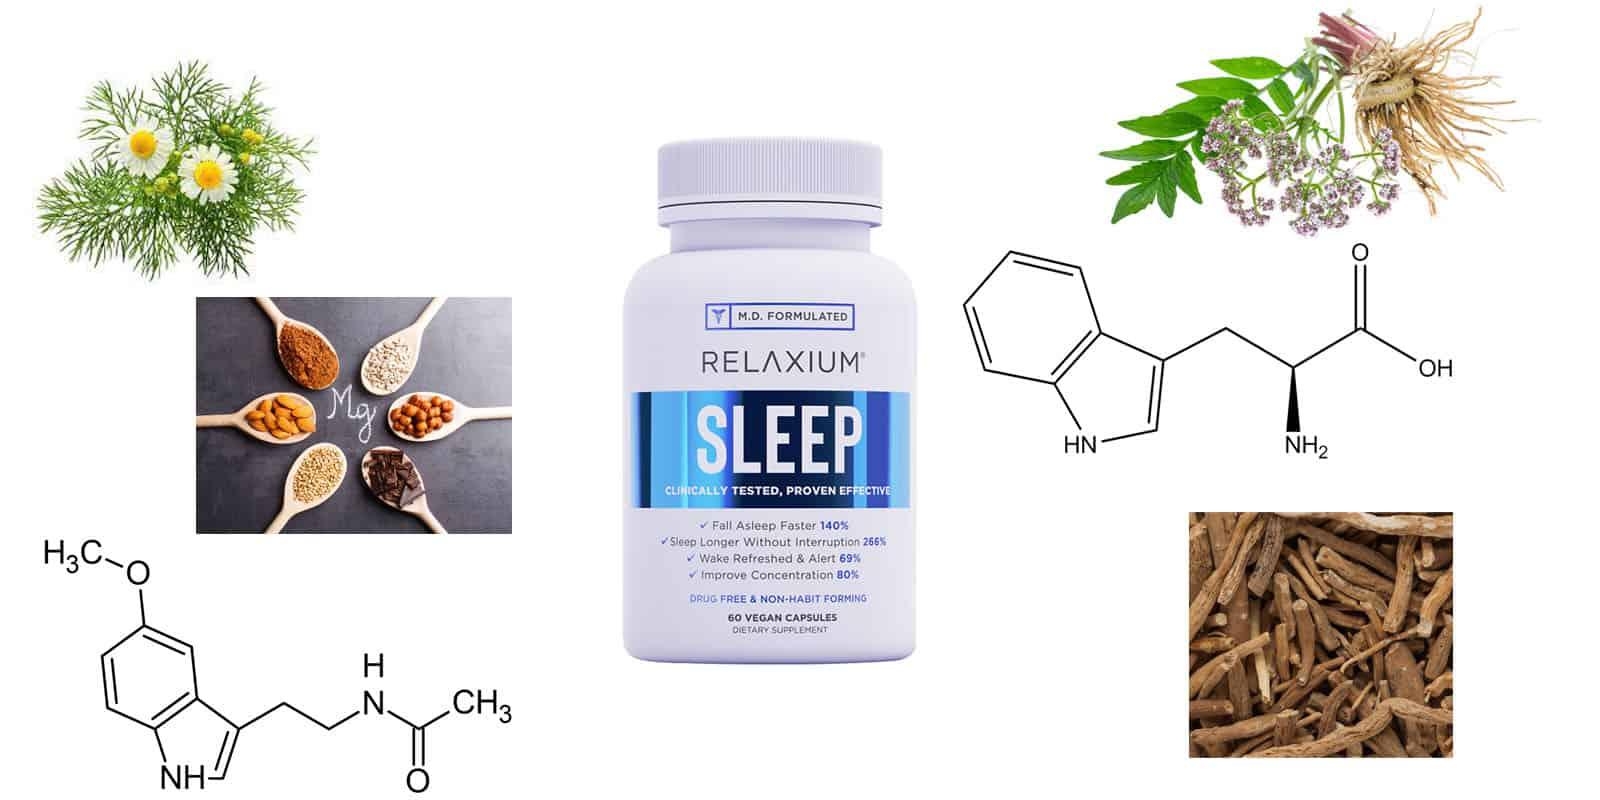 Relaxium Sleep Ingredients